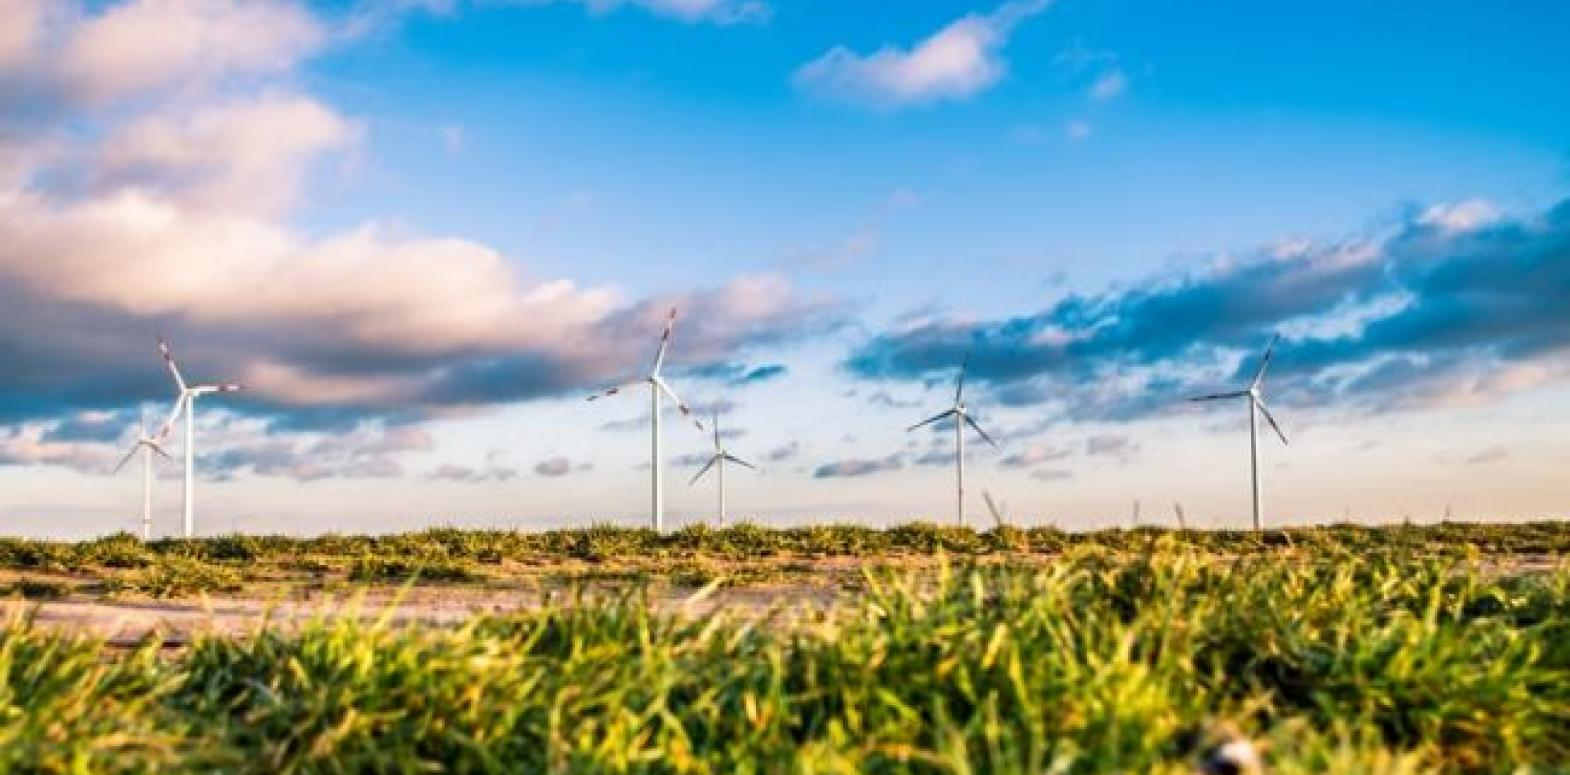 Климатический кризис, инвестиции, новые правила игры: что происходит с зеленой энергетикой